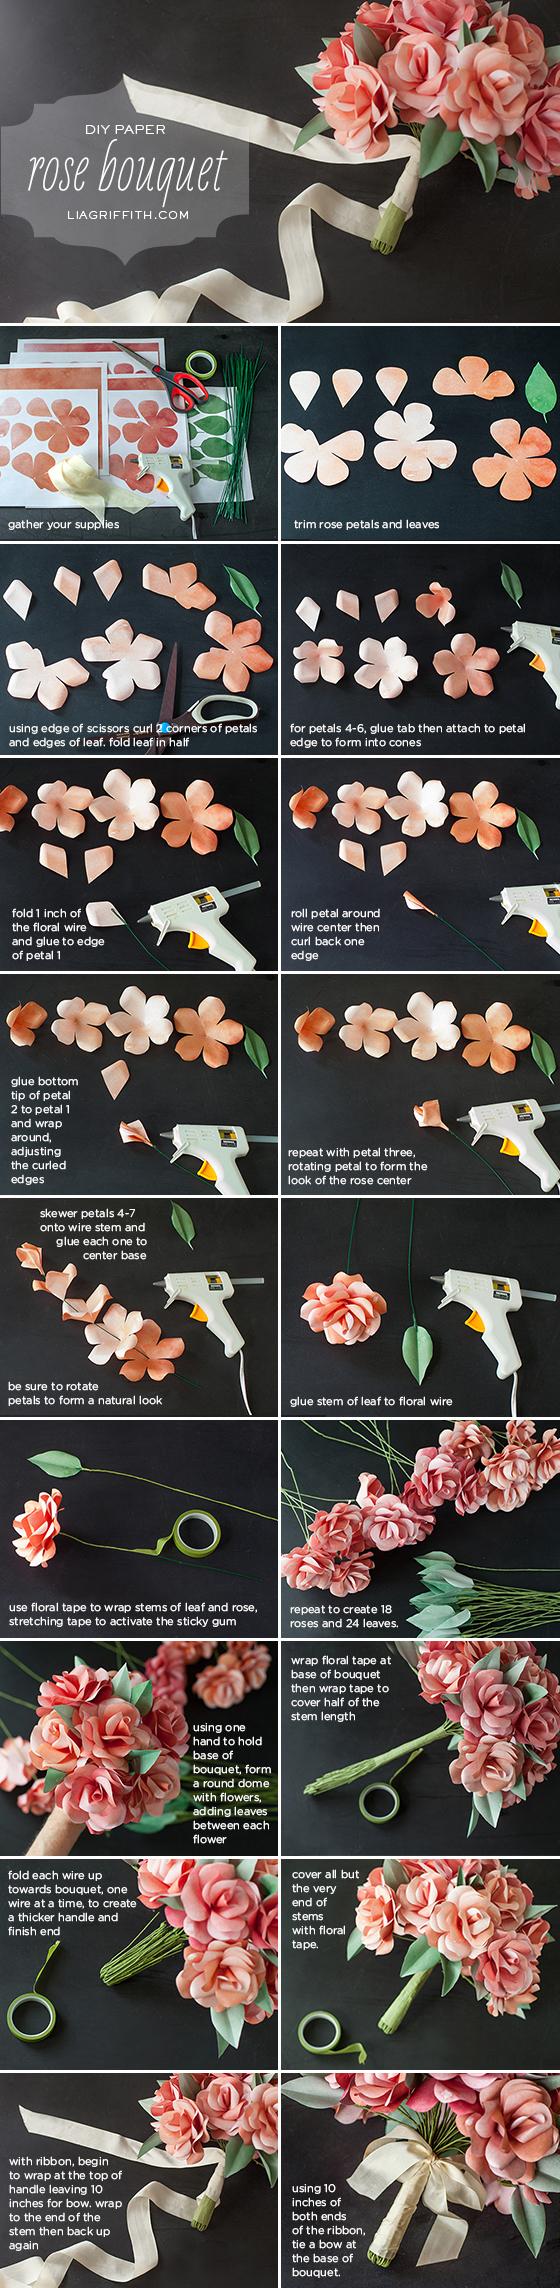 Как сделать красивый букет из бумаги своими руками